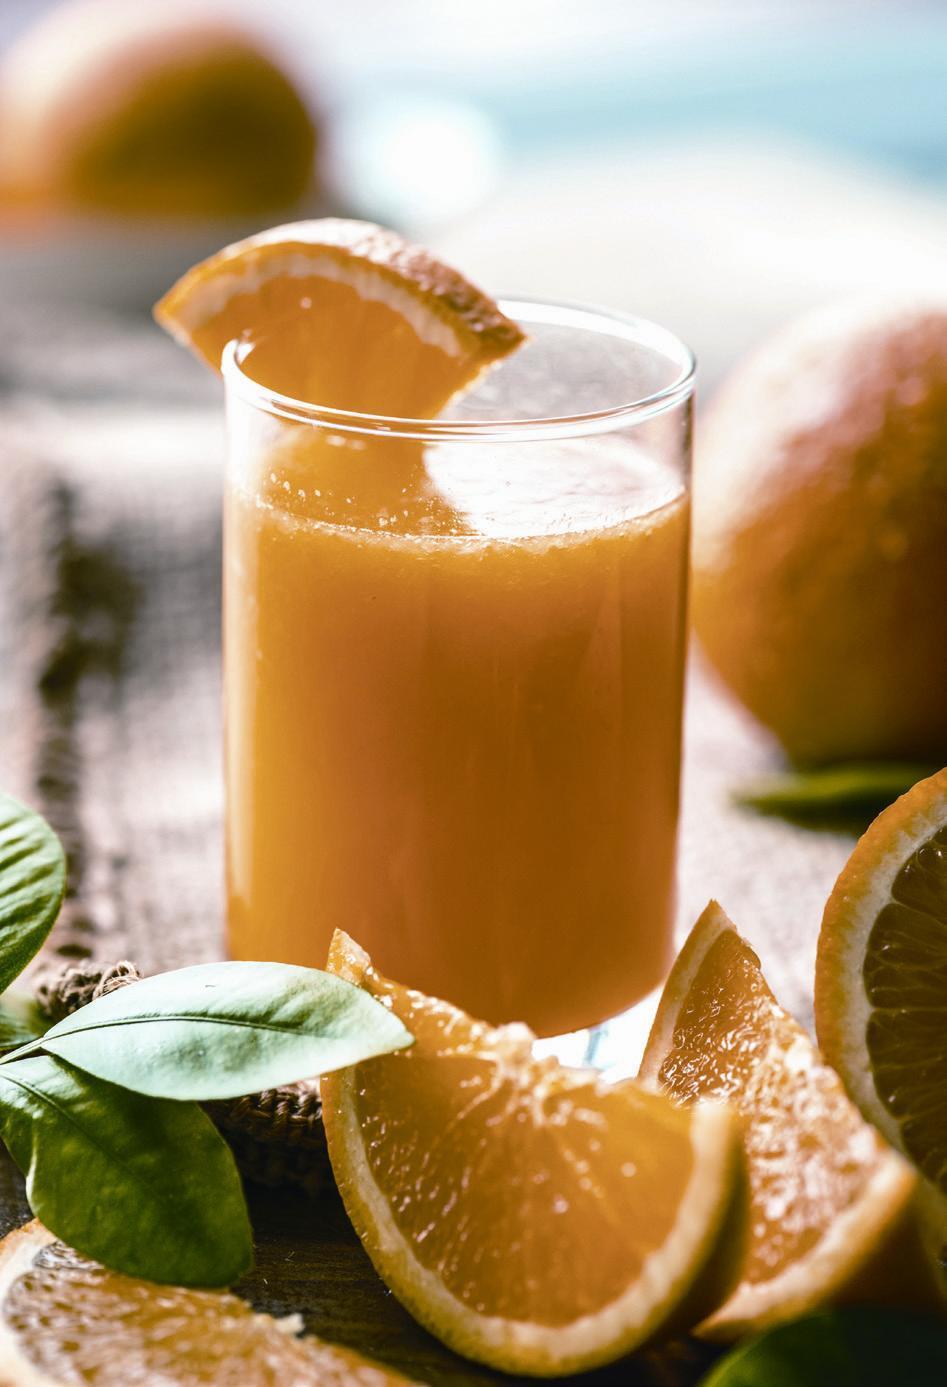 果汁不是万能的,感冒还需对症治疗!果汁能治感冒吗?